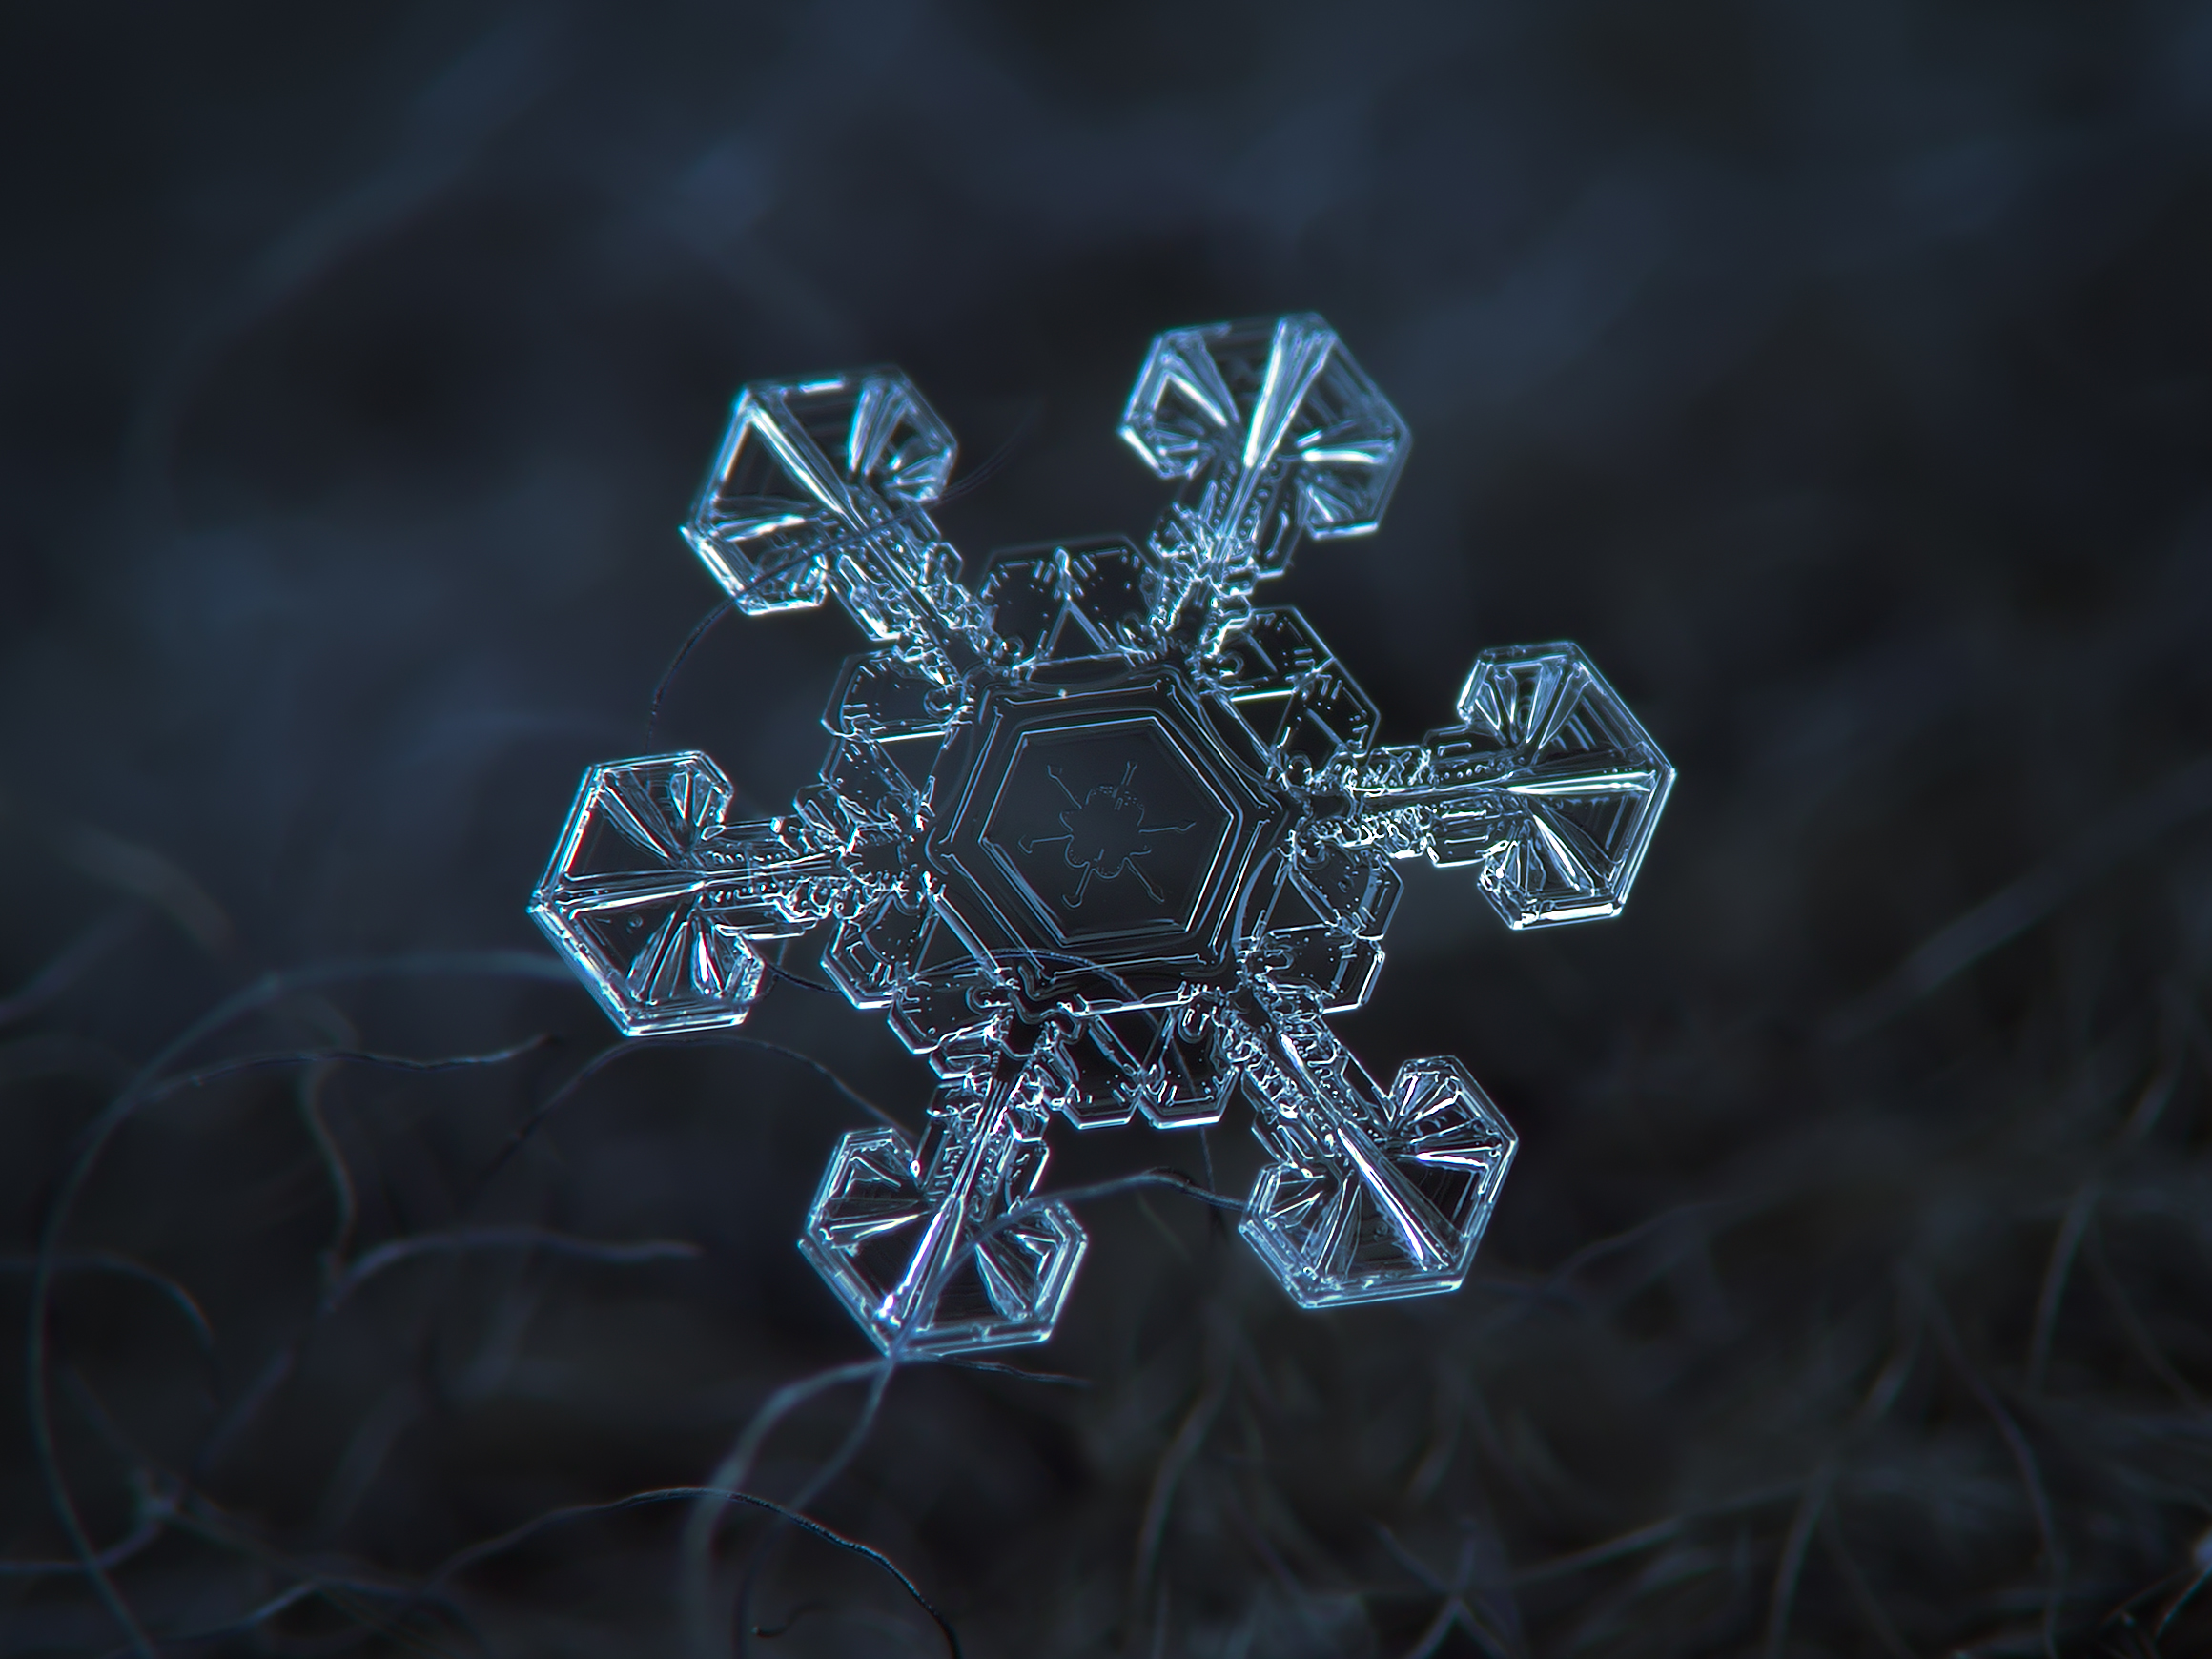 La scienza dei fiocchi di neve (galleria macrofotografica)